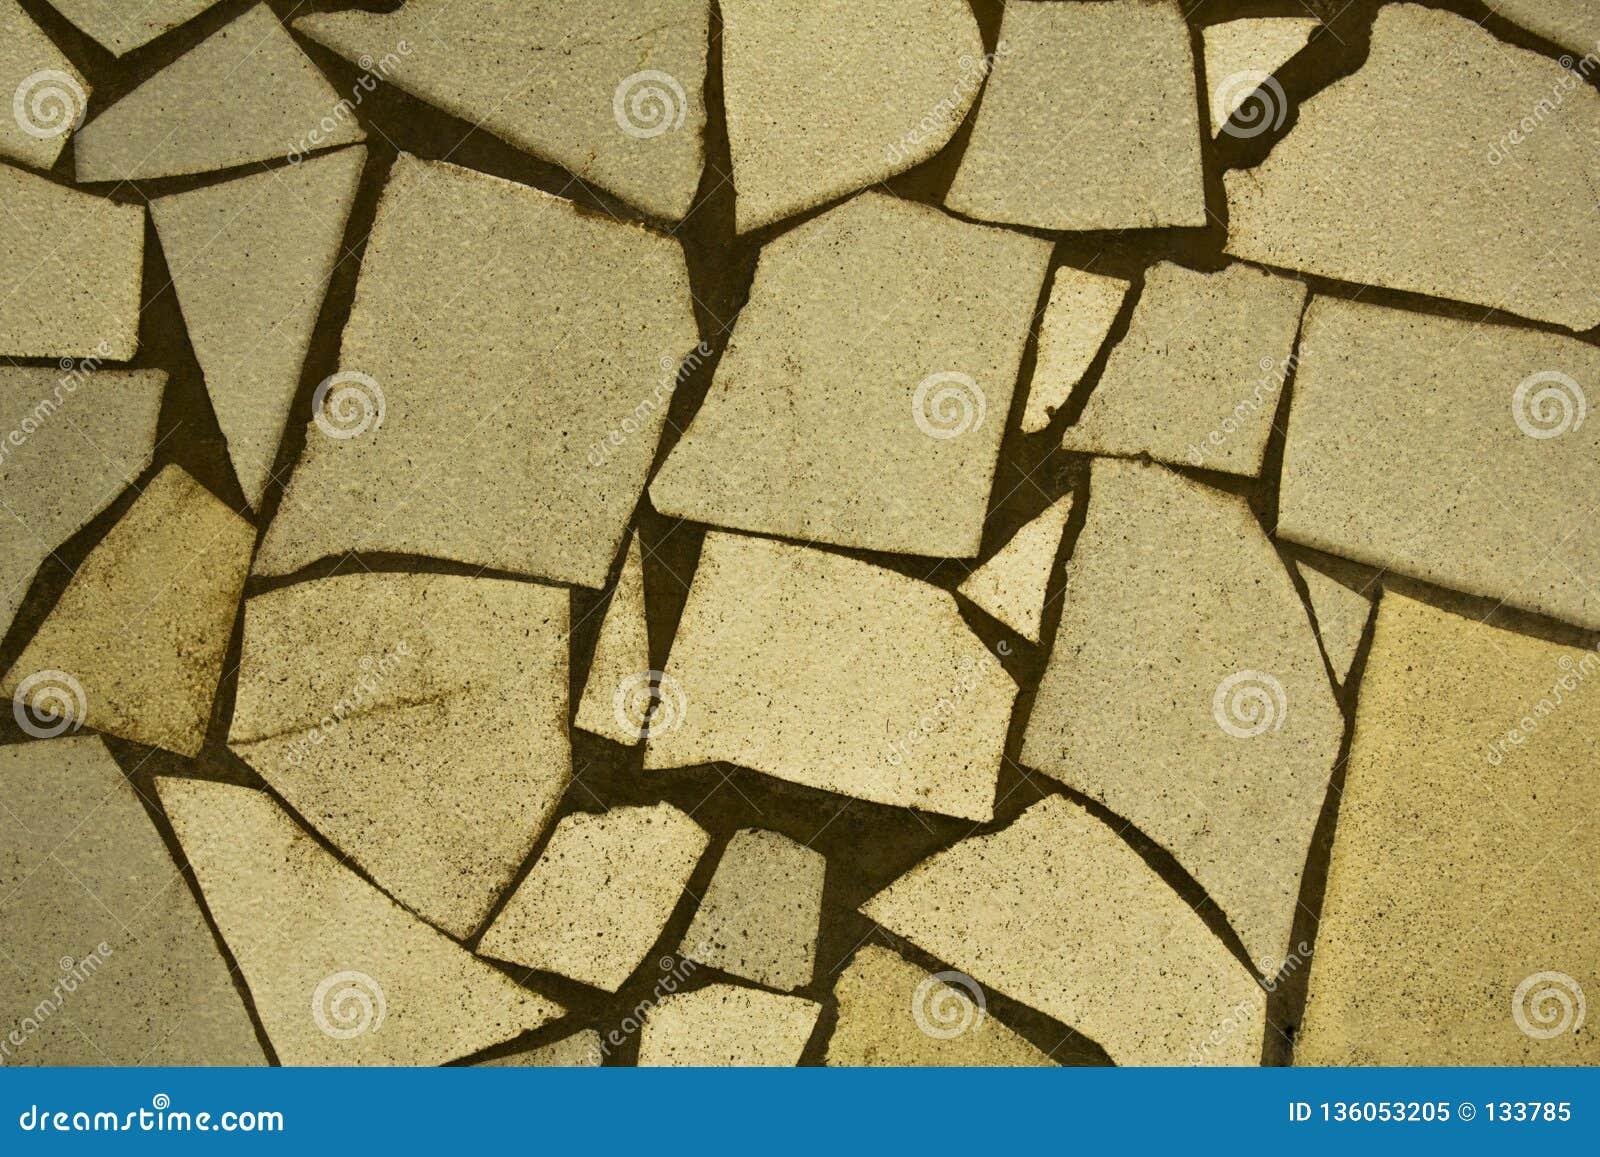 Frammenti bianchi sporchi delle piastrelle di ceramica con i punti